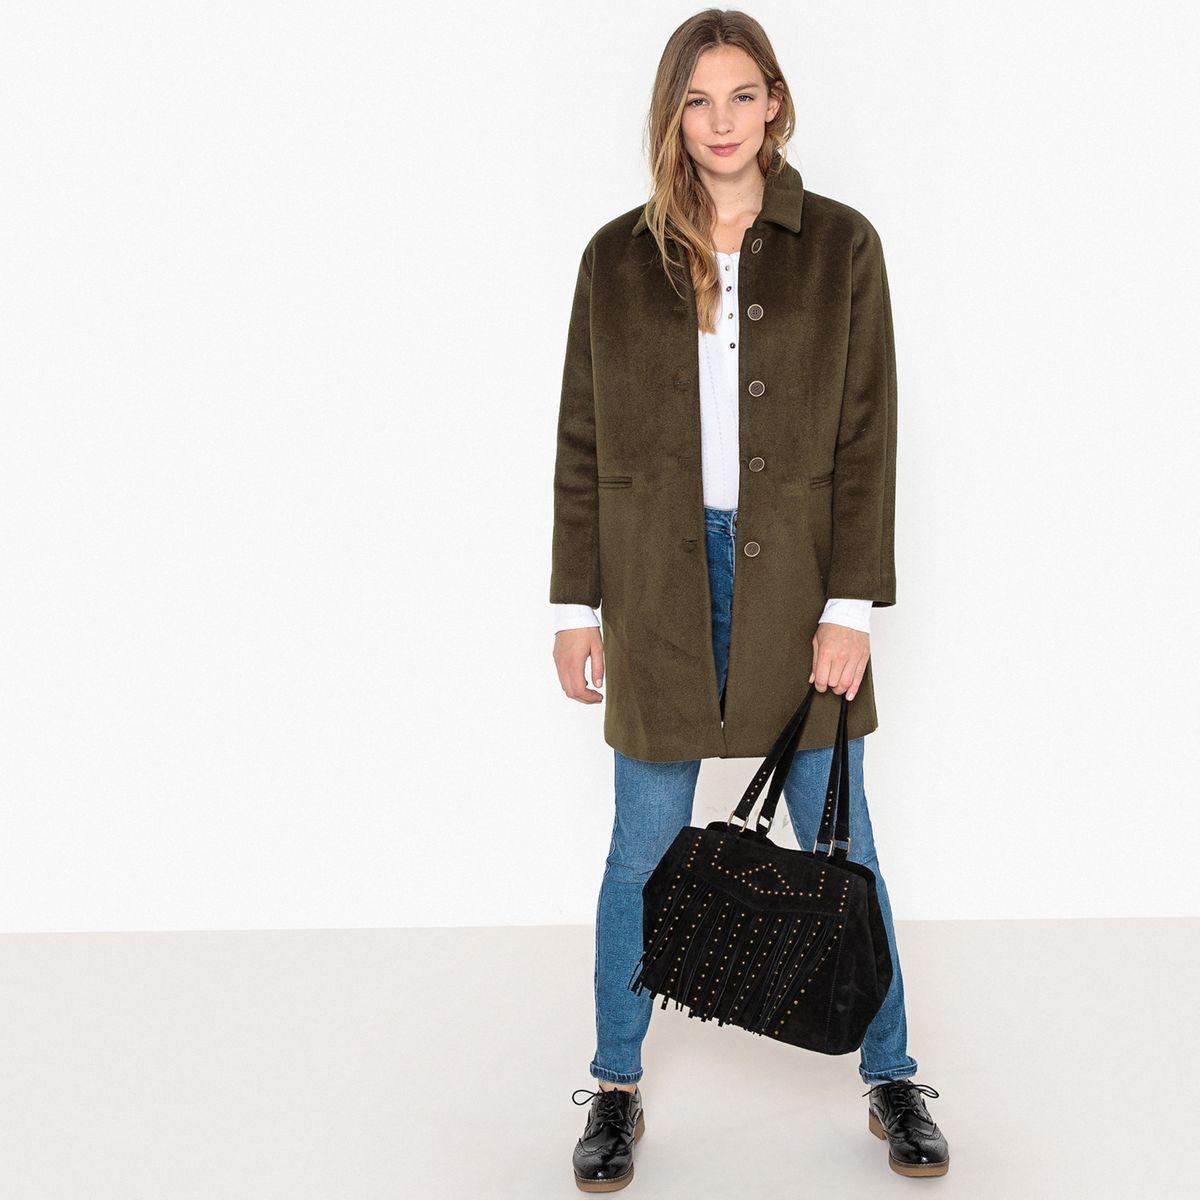 Manteau mi-long à poches, laine mélangée